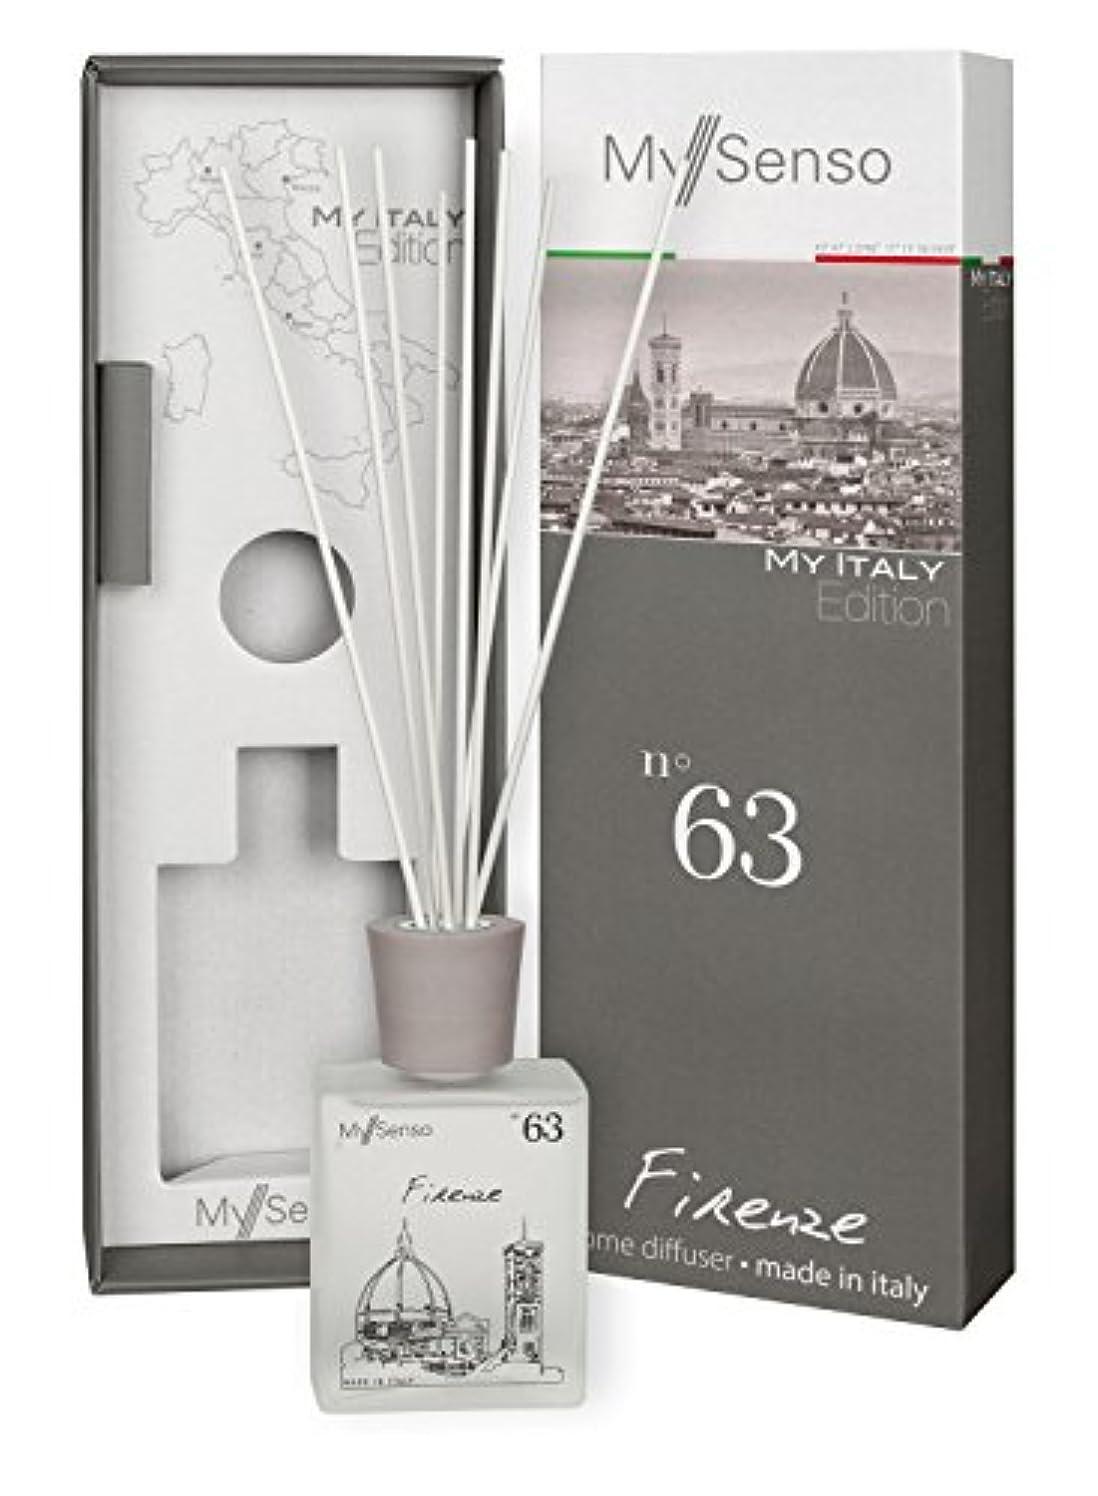 アミューズグラフィックグラフィックMySenso ディフューザー My Italy Edition No.63 フィレンツェ